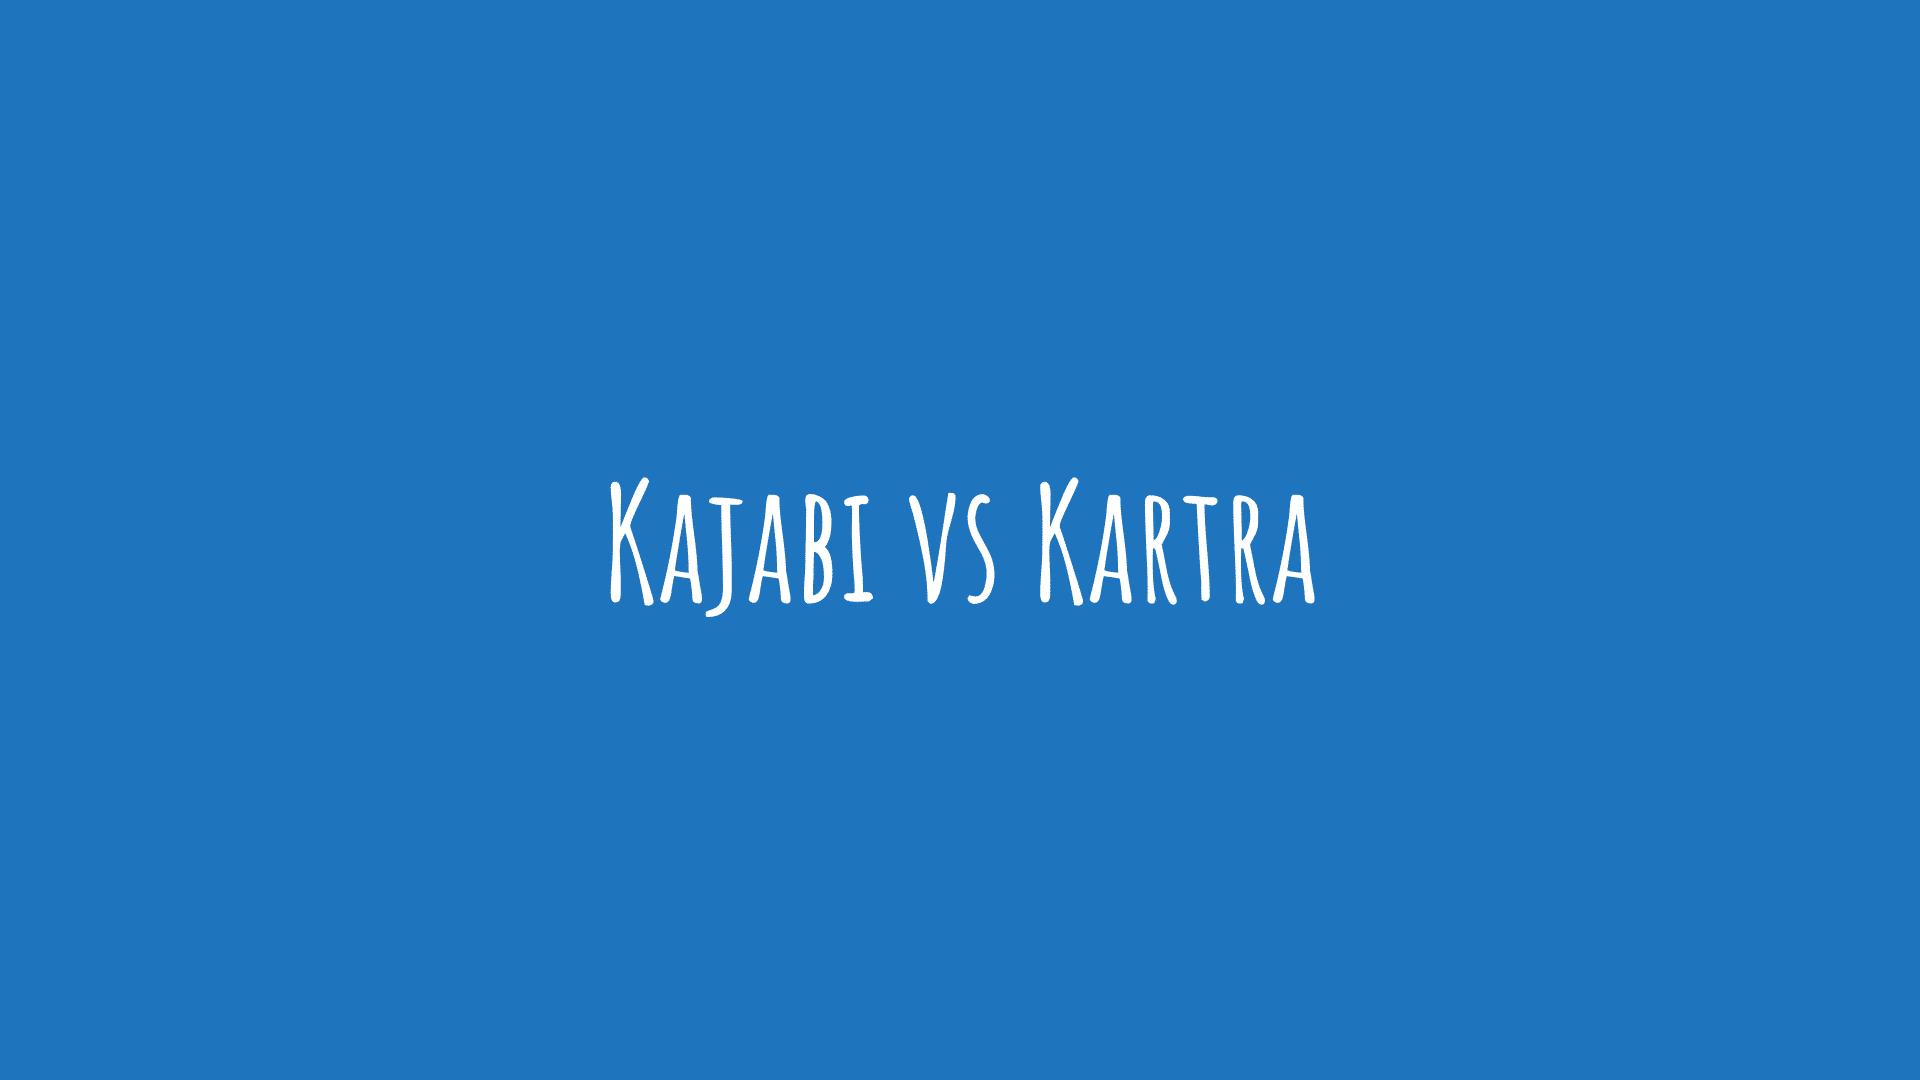 Kajabi vs Kartra